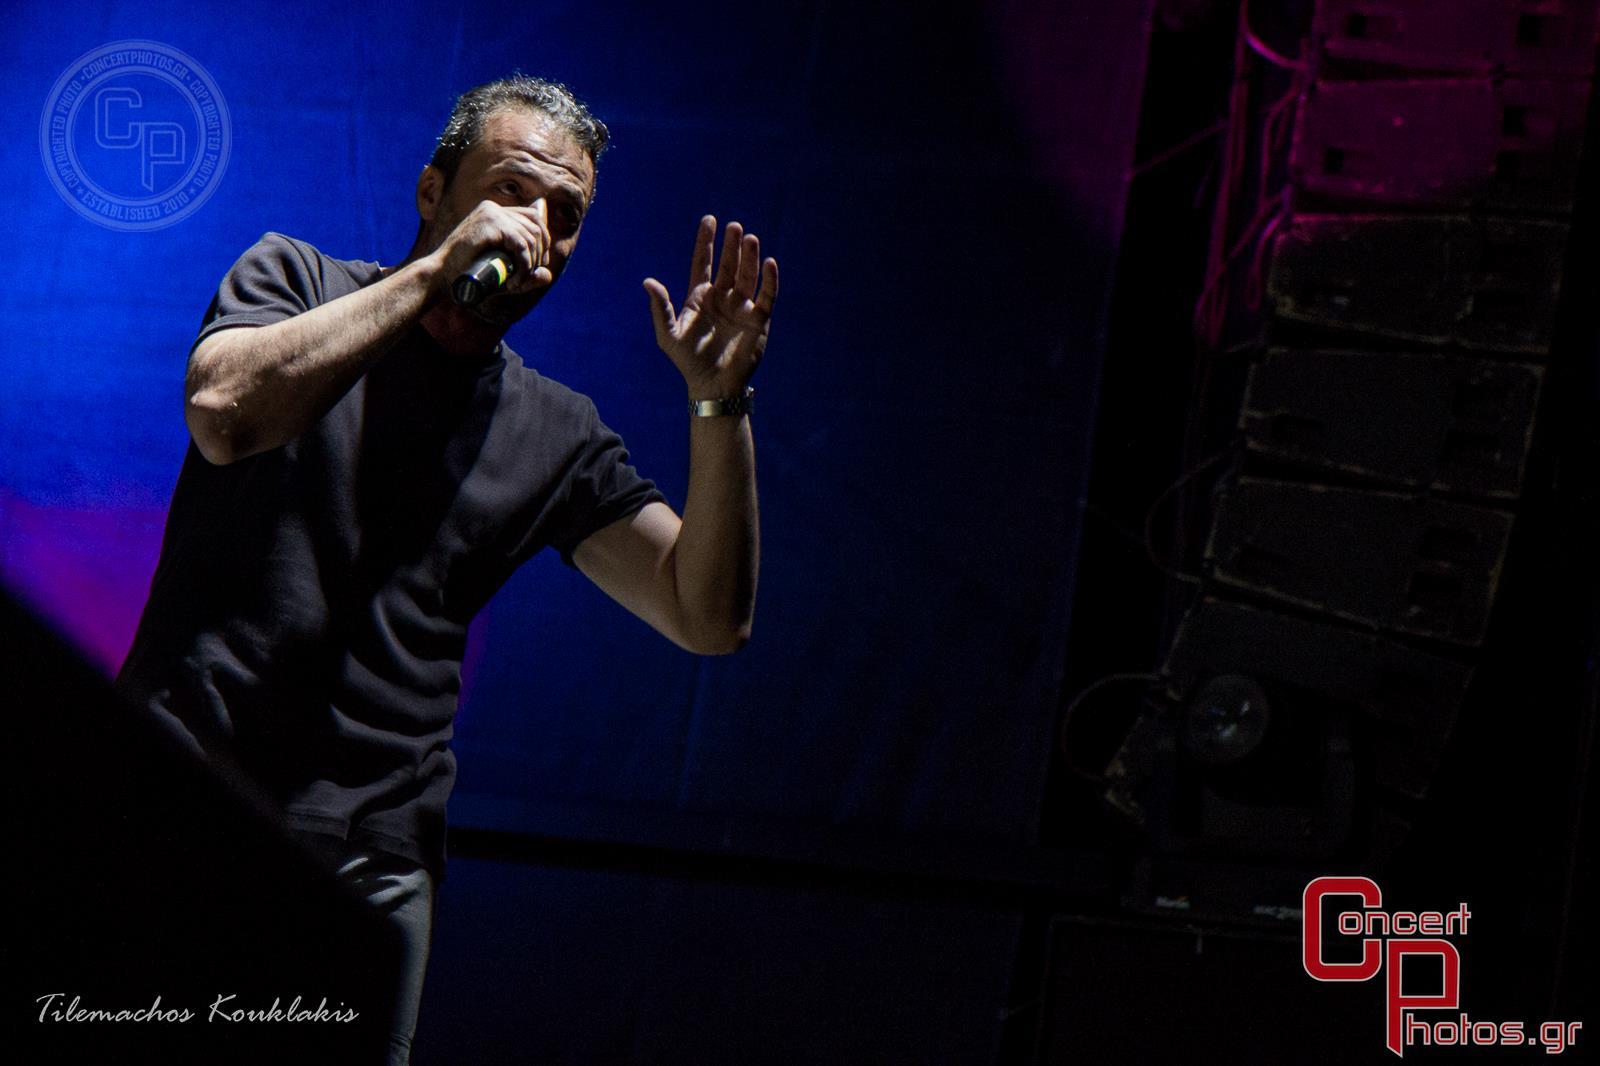 Rockwave 2014-Rockwave 2014 - Day 1 photographer:  - Rockwave-2014-103